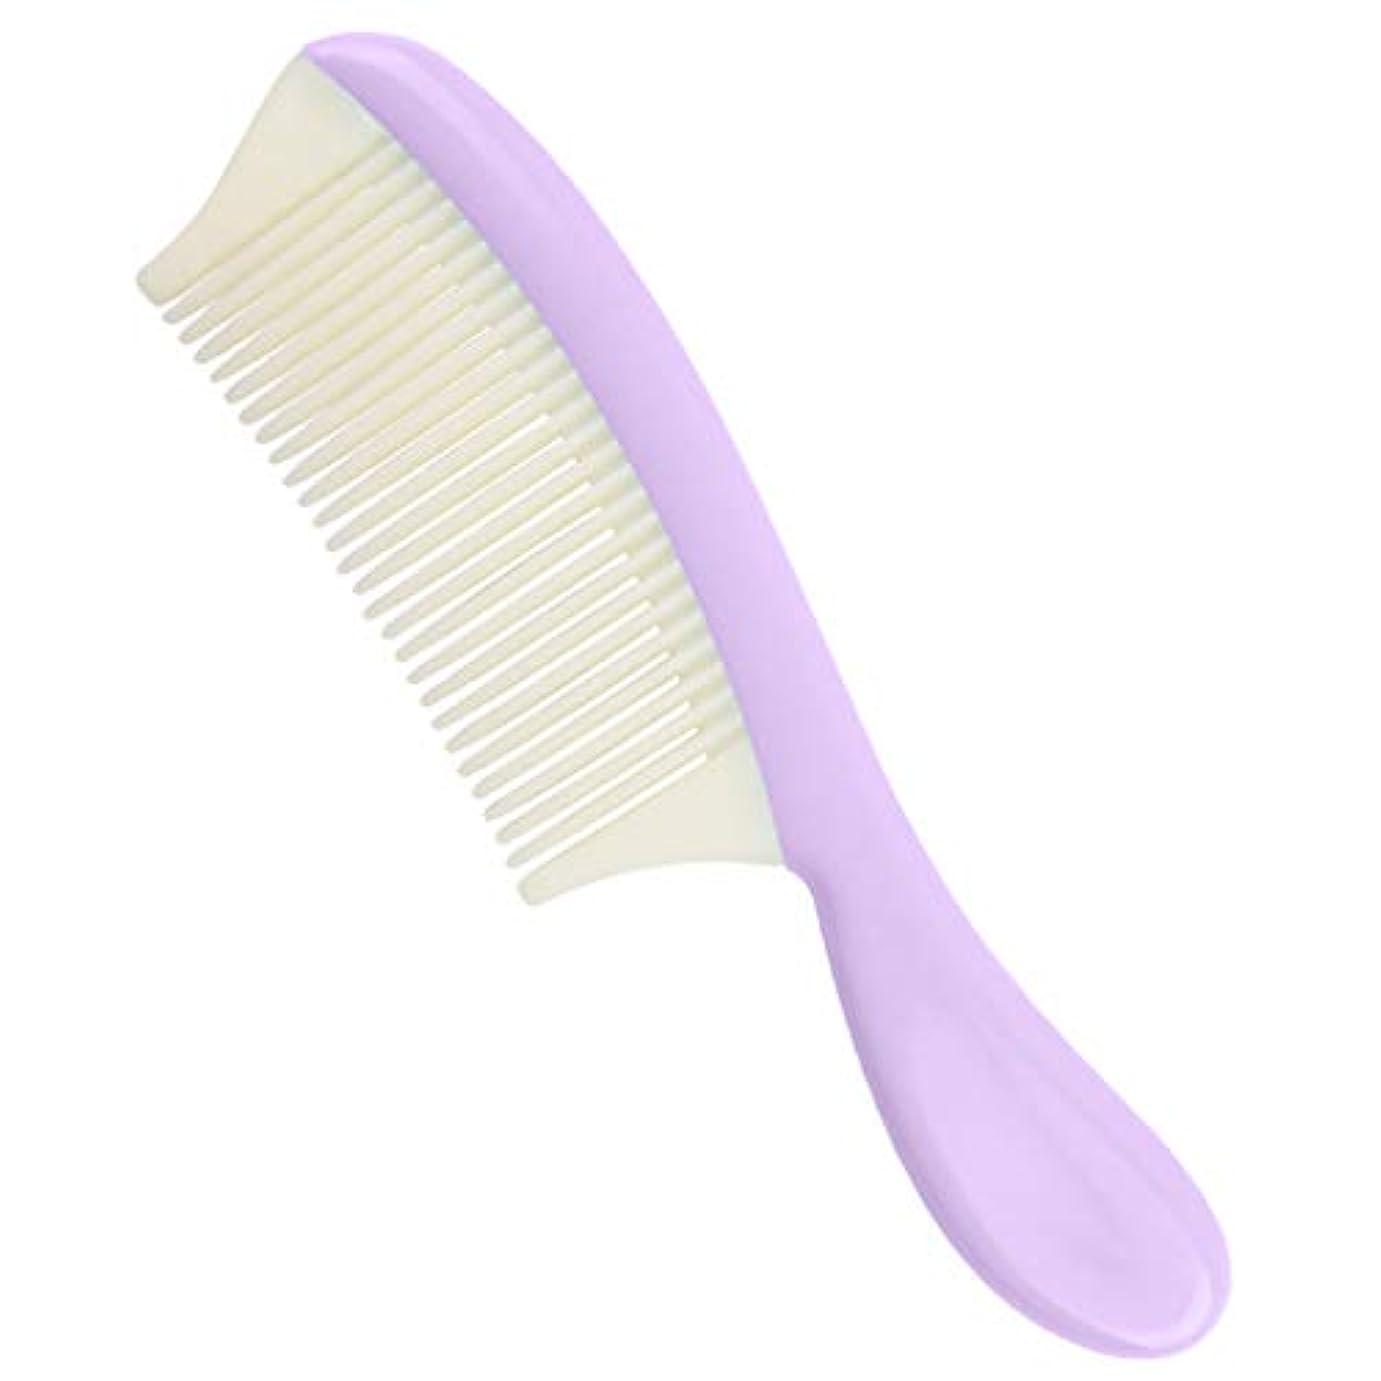 口ひげフェリーメロディアスプラスチック ヘアコーム 取り外し可能 細かい歯 髪の櫛 全4色 - 紫